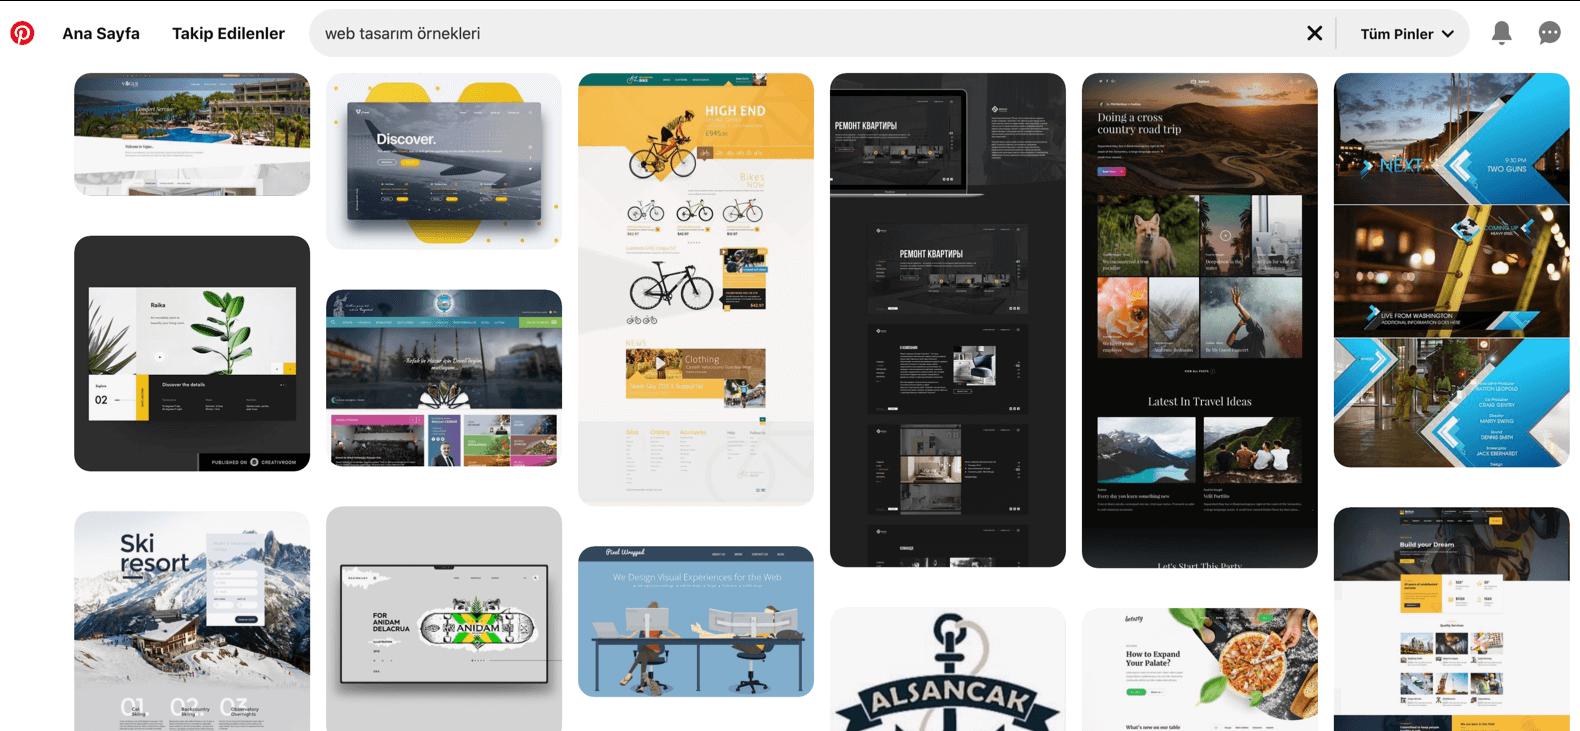 İyi web tasarım örnekleri bulabilmek için Pinterest